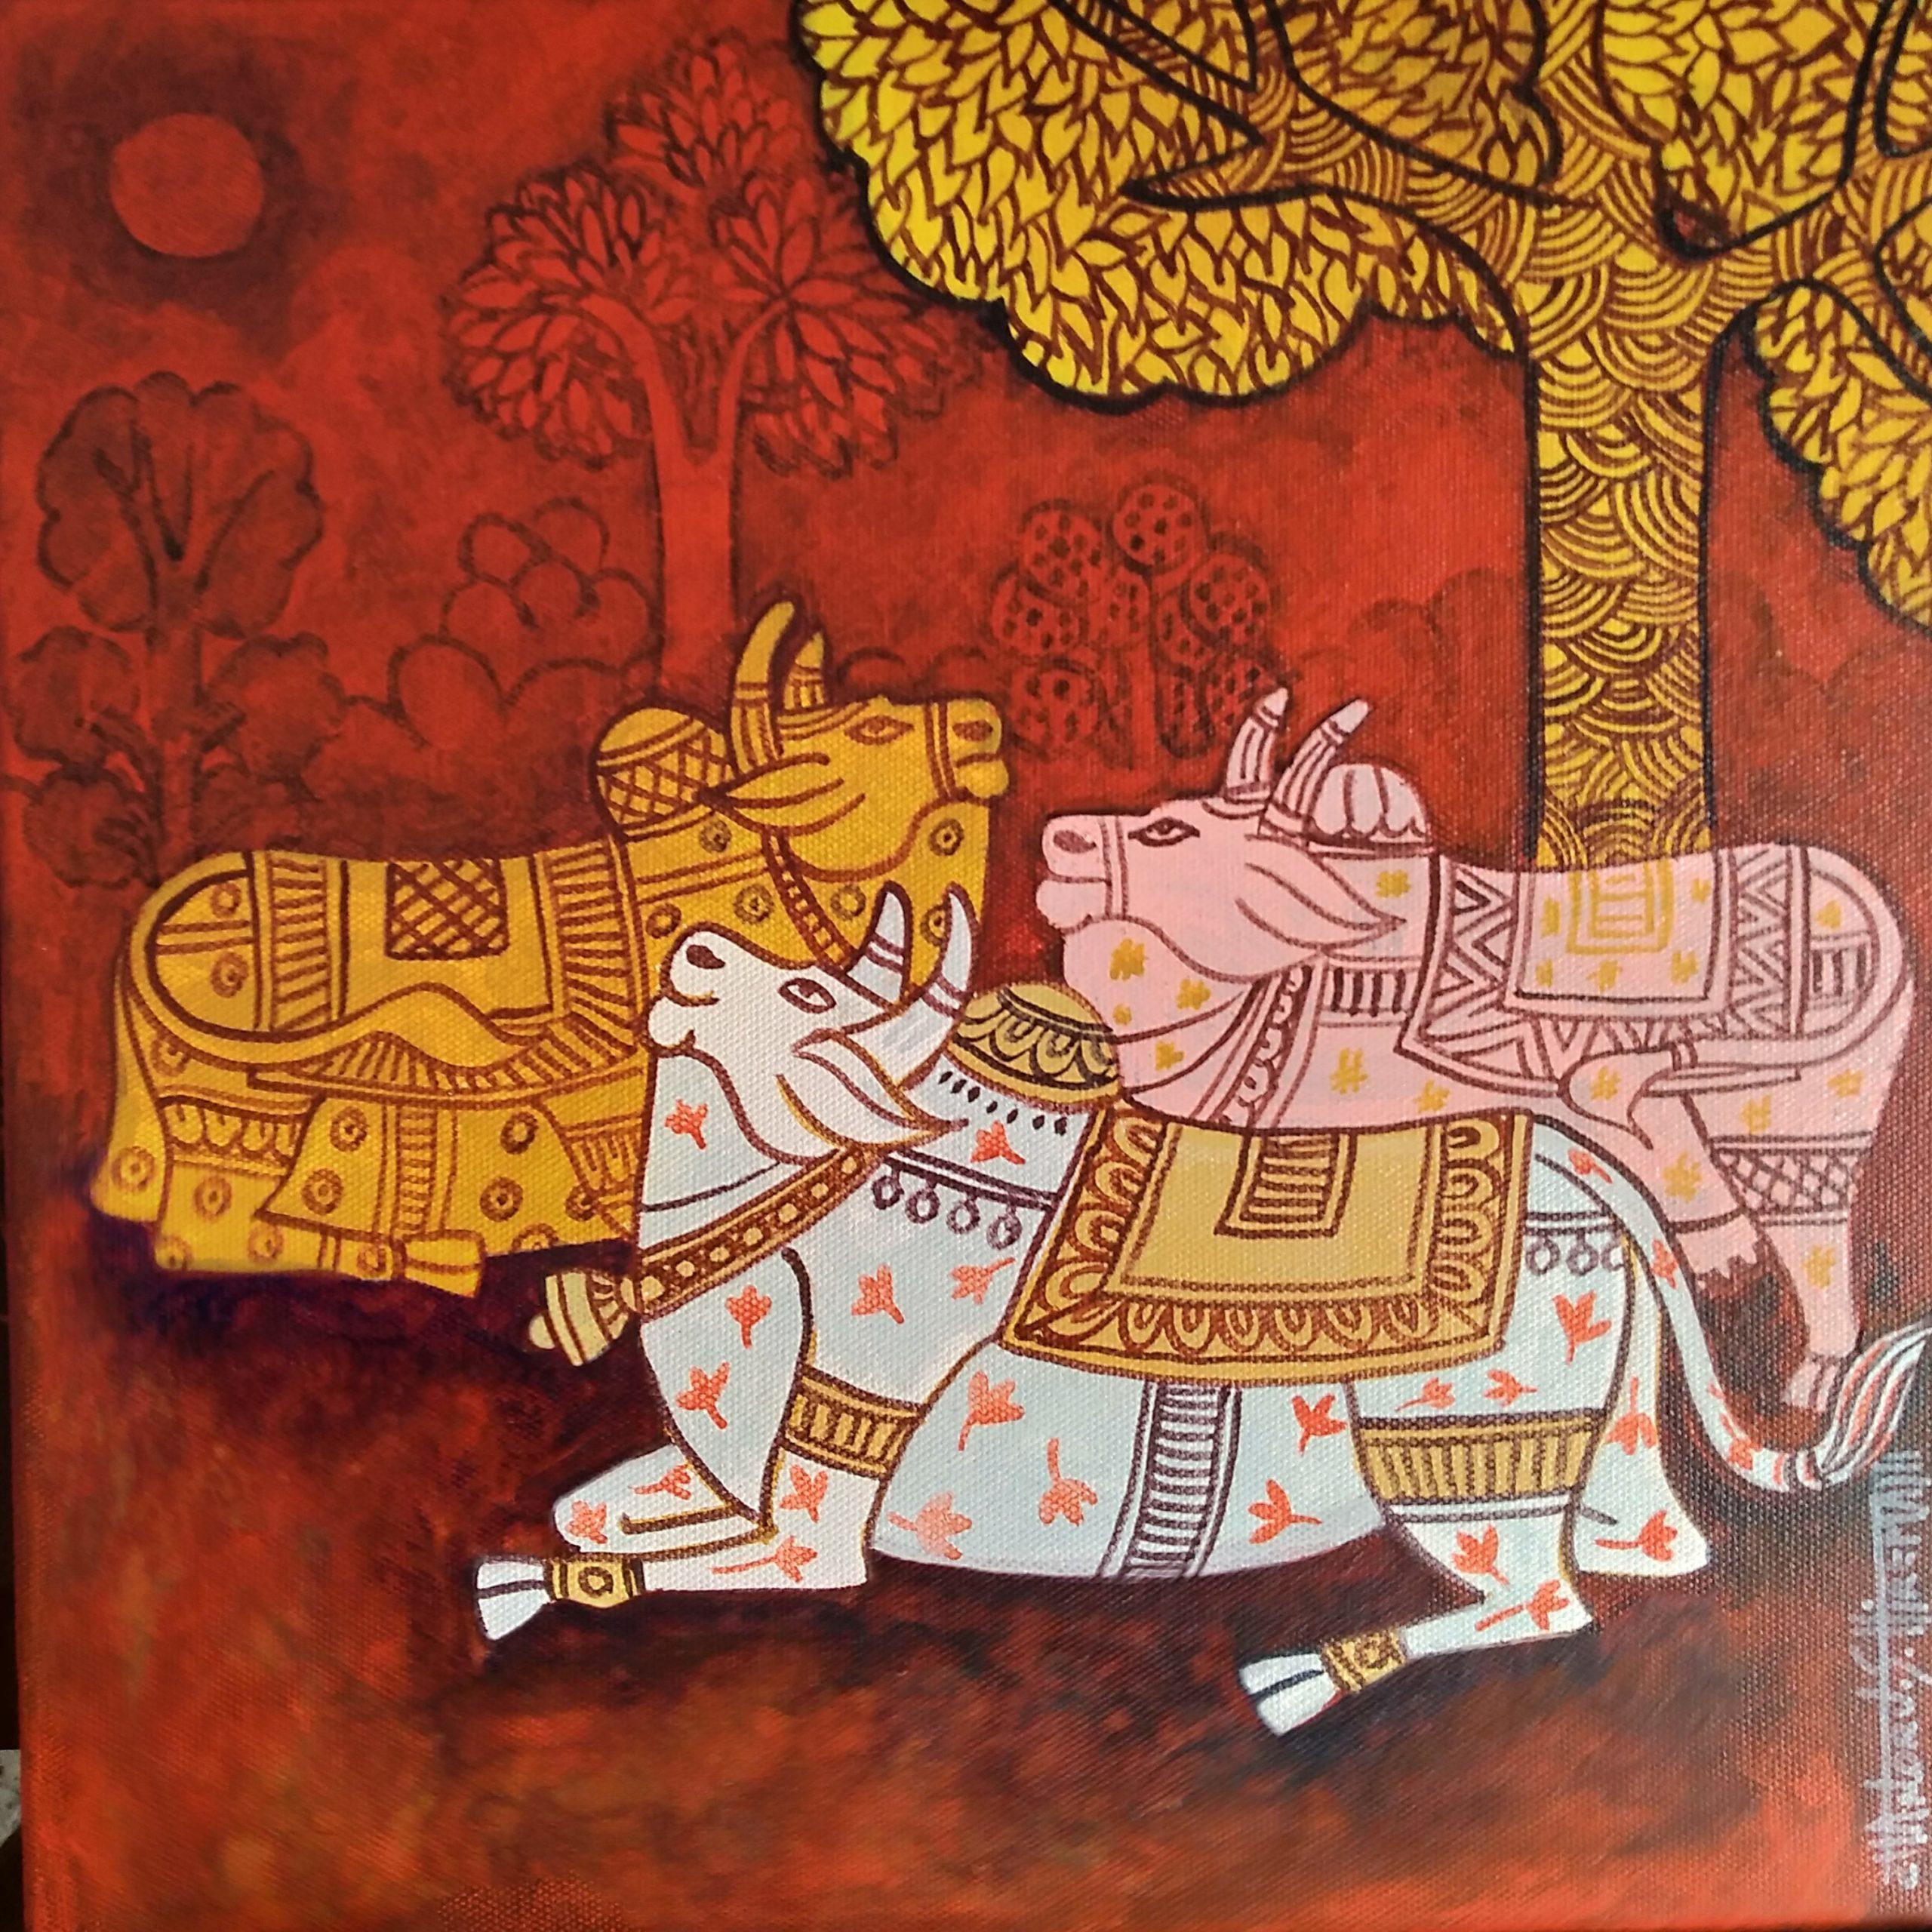 Handmade art & craft, fine art, canvas